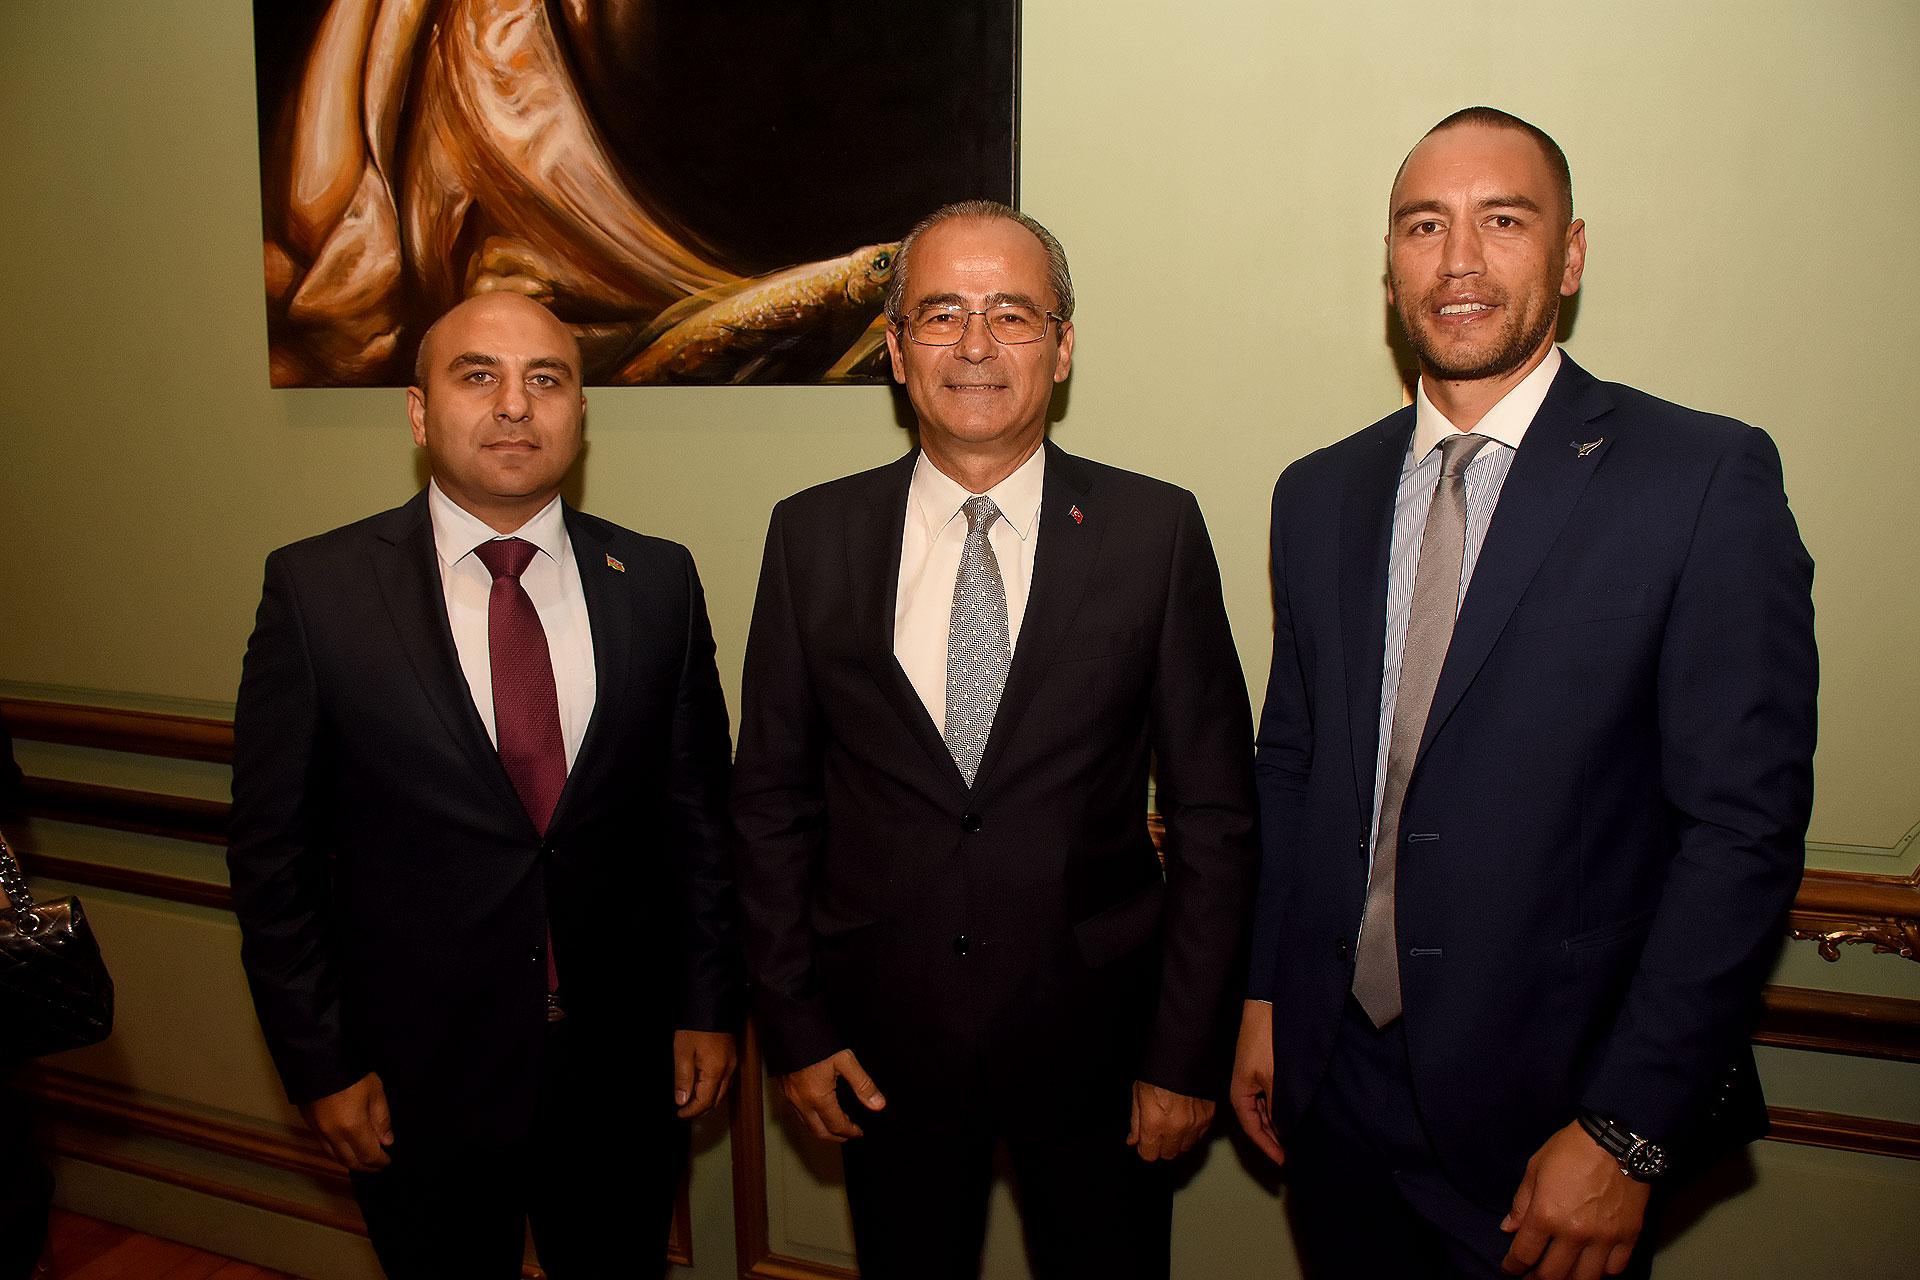 Rashad Aslanov, embajador de la República de Azerbaiyán en Argentina; Vural Altay, embajador de Turquía en Argentina y Tane Waetford, primer secretario de la embajada de Nueva Zelanda en Argentina